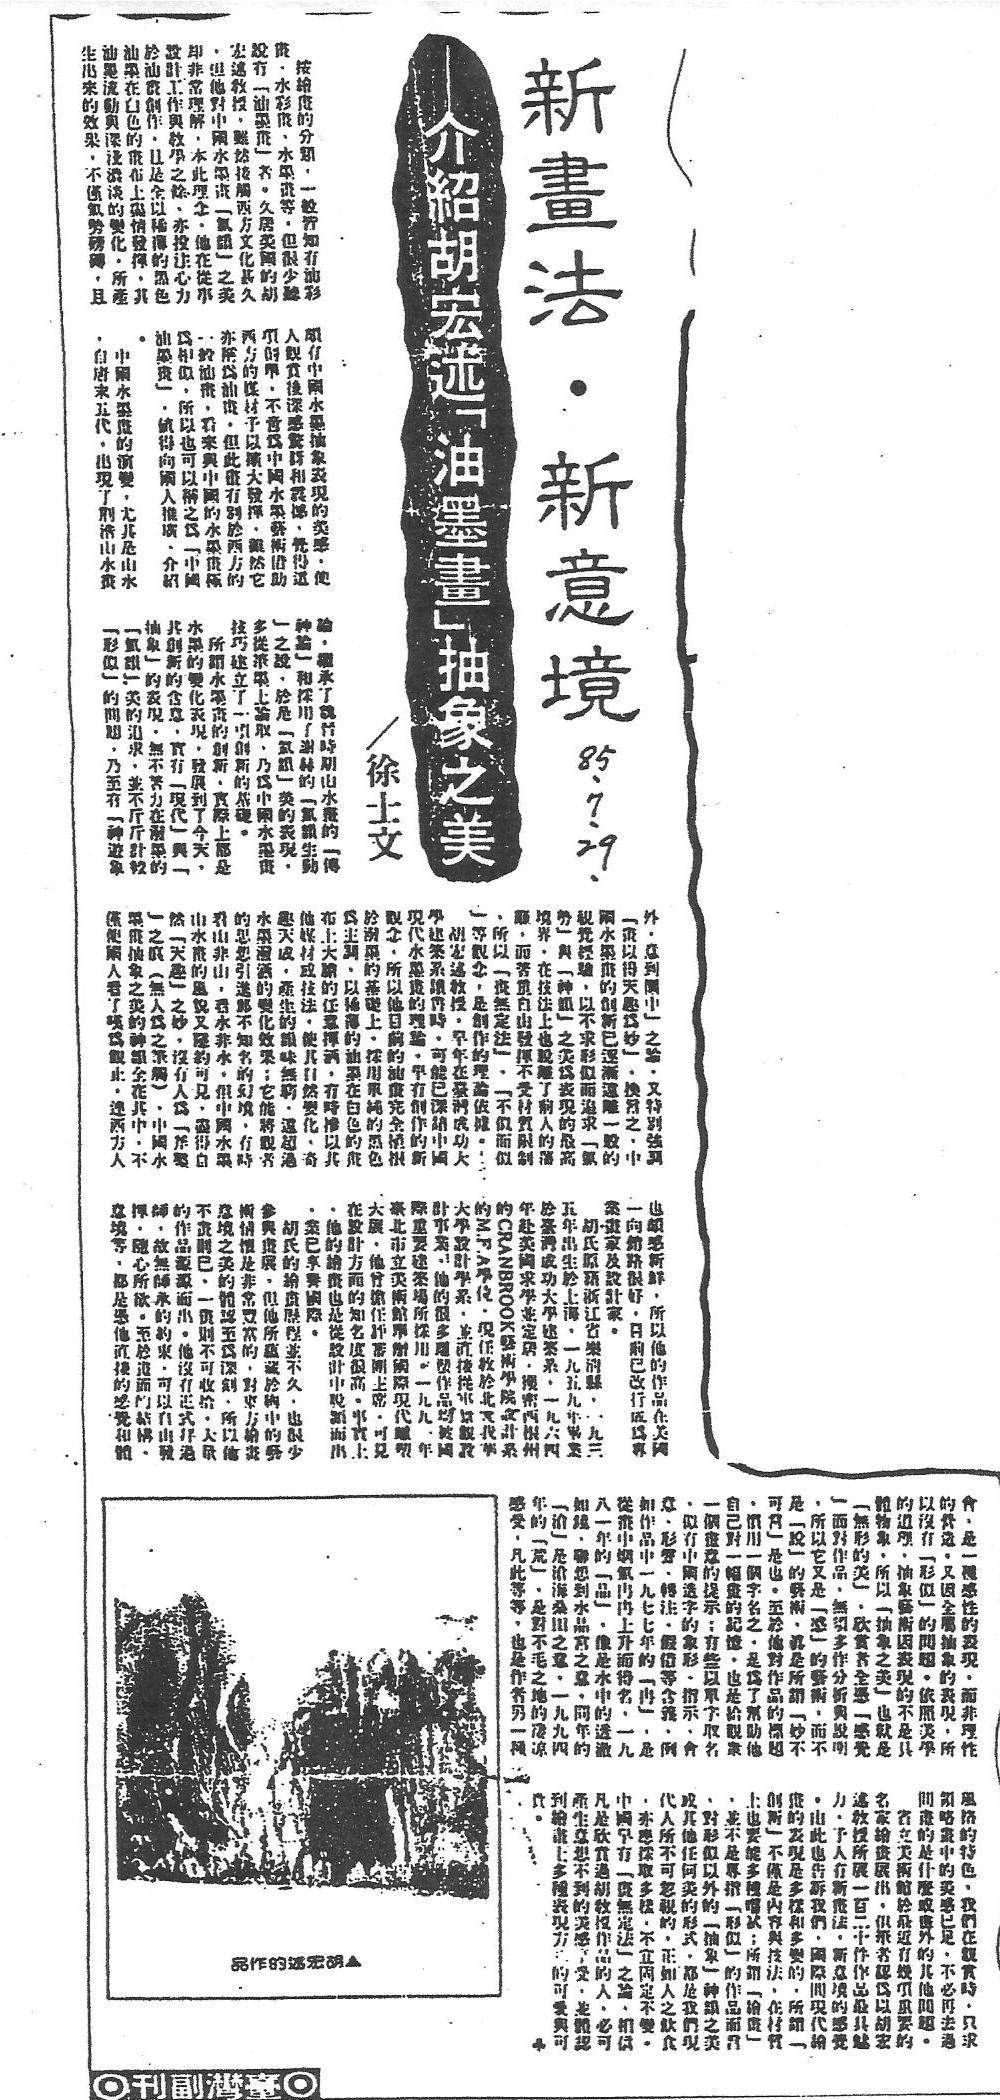 037.1996.07.29.Taiwan Newspaper.jpg